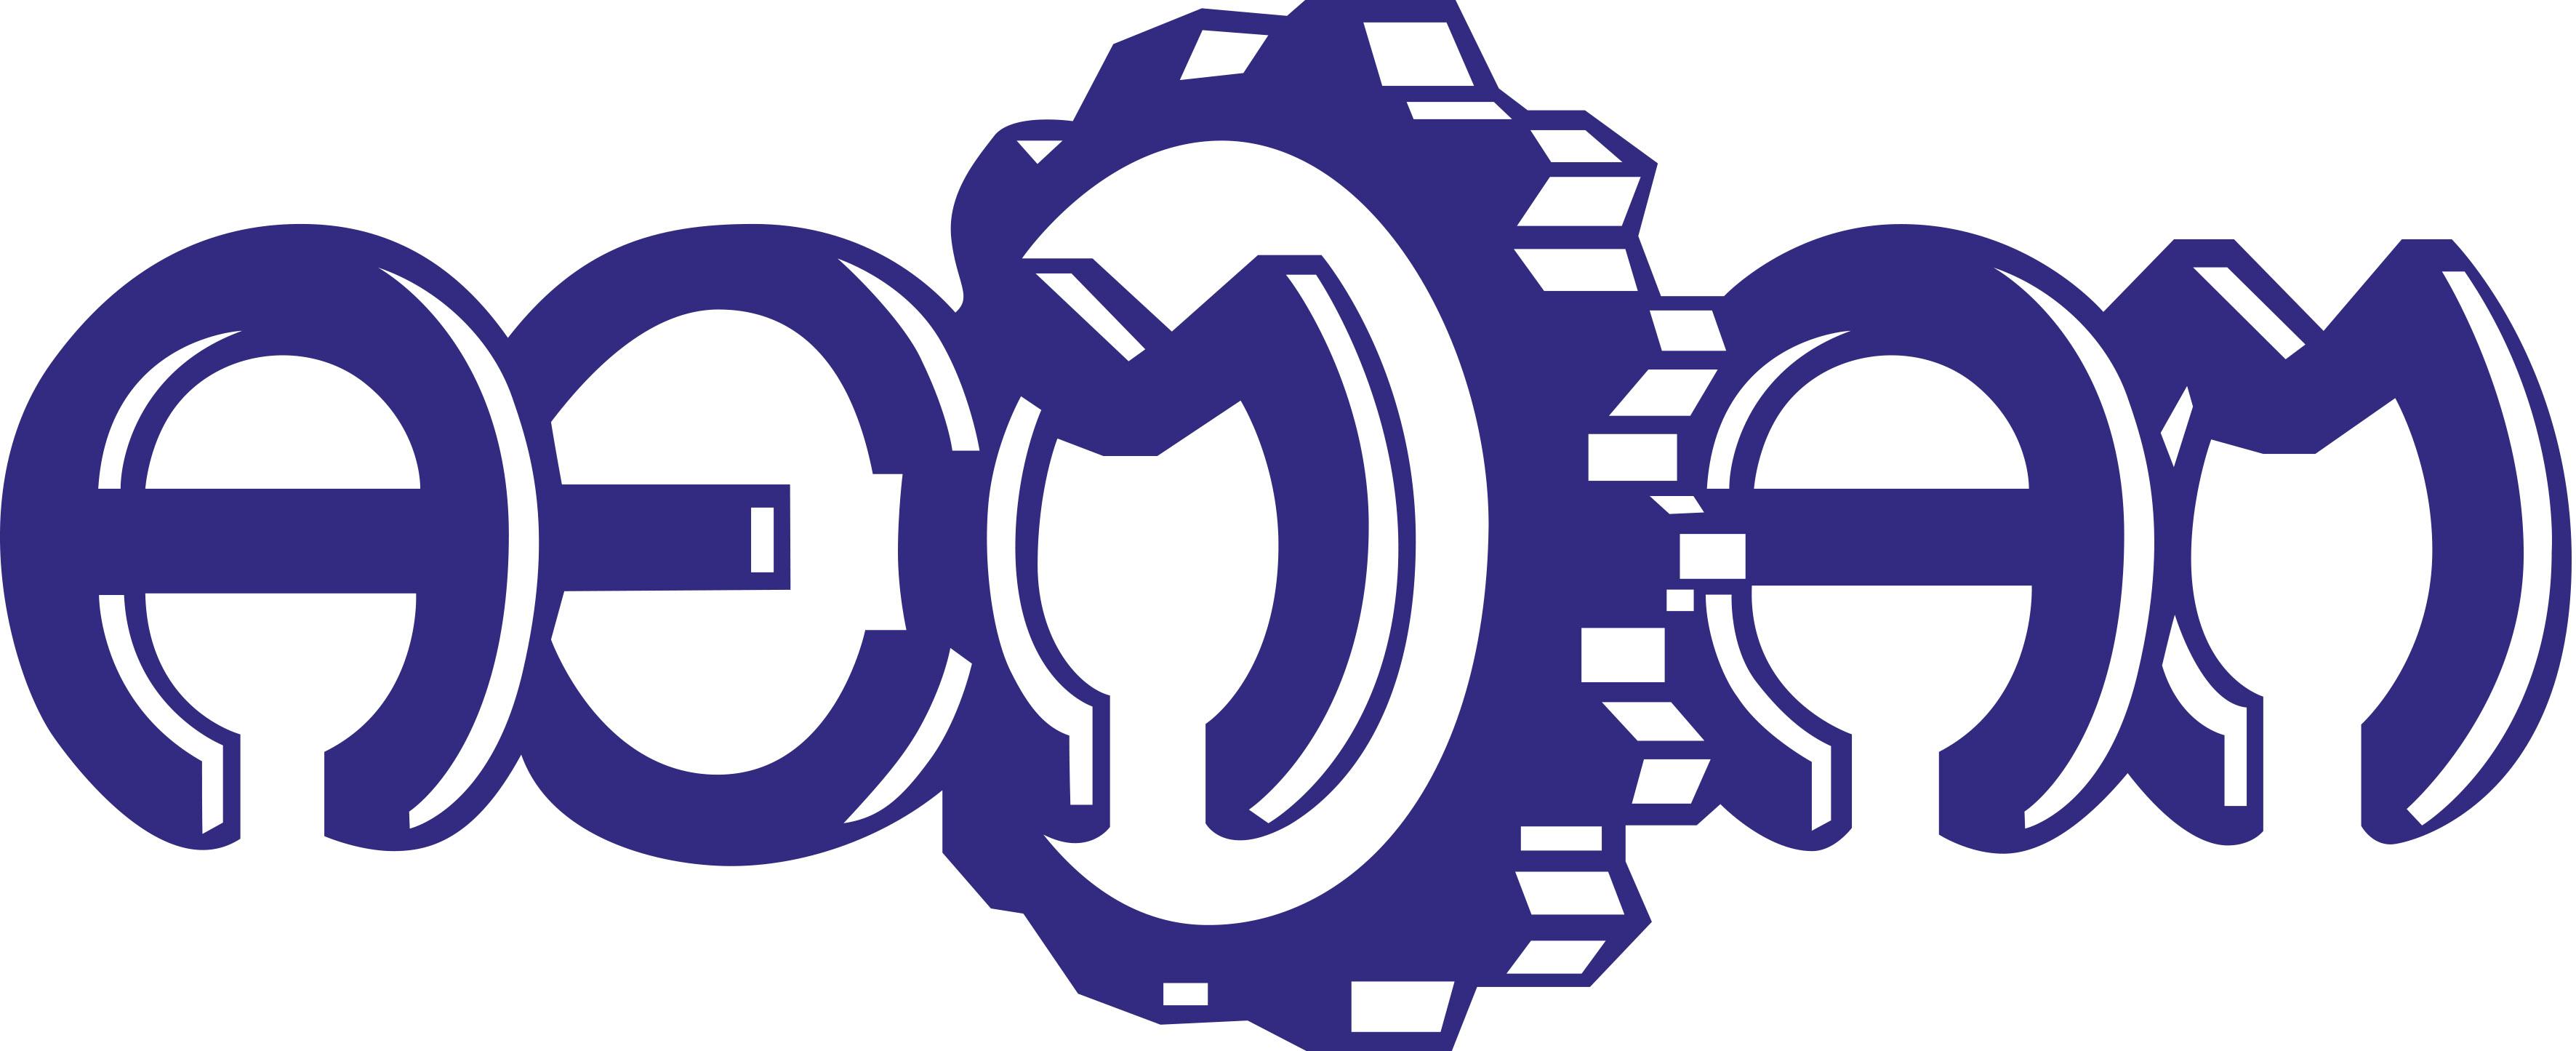 Aemam - Associació d'Empresaris Metal.lúrgics de L'Alt Maresme